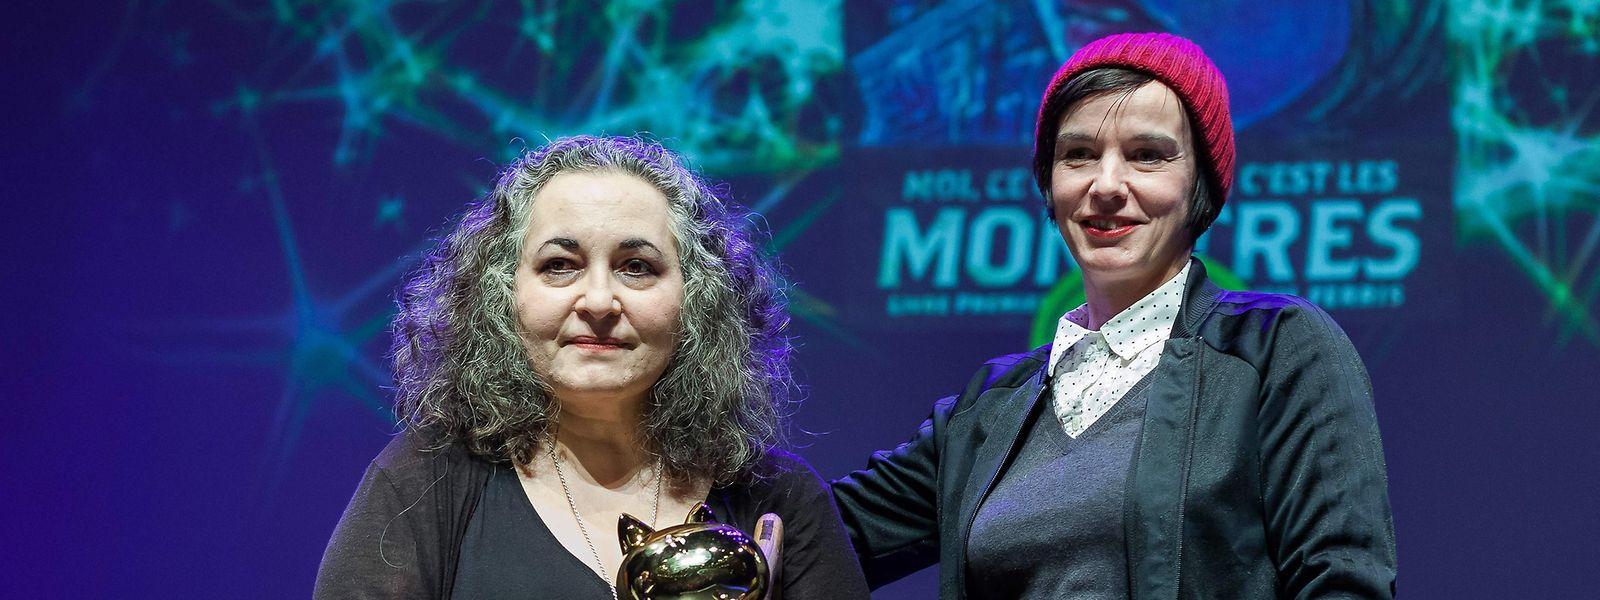 Angoulême 2019, une histoire de femmes: Dominique Goblet, présidente du jury du Festival International de la Bande Dessinée, remet le Fauve d'Or à l'Américaine Emil Ferris (à gauche).